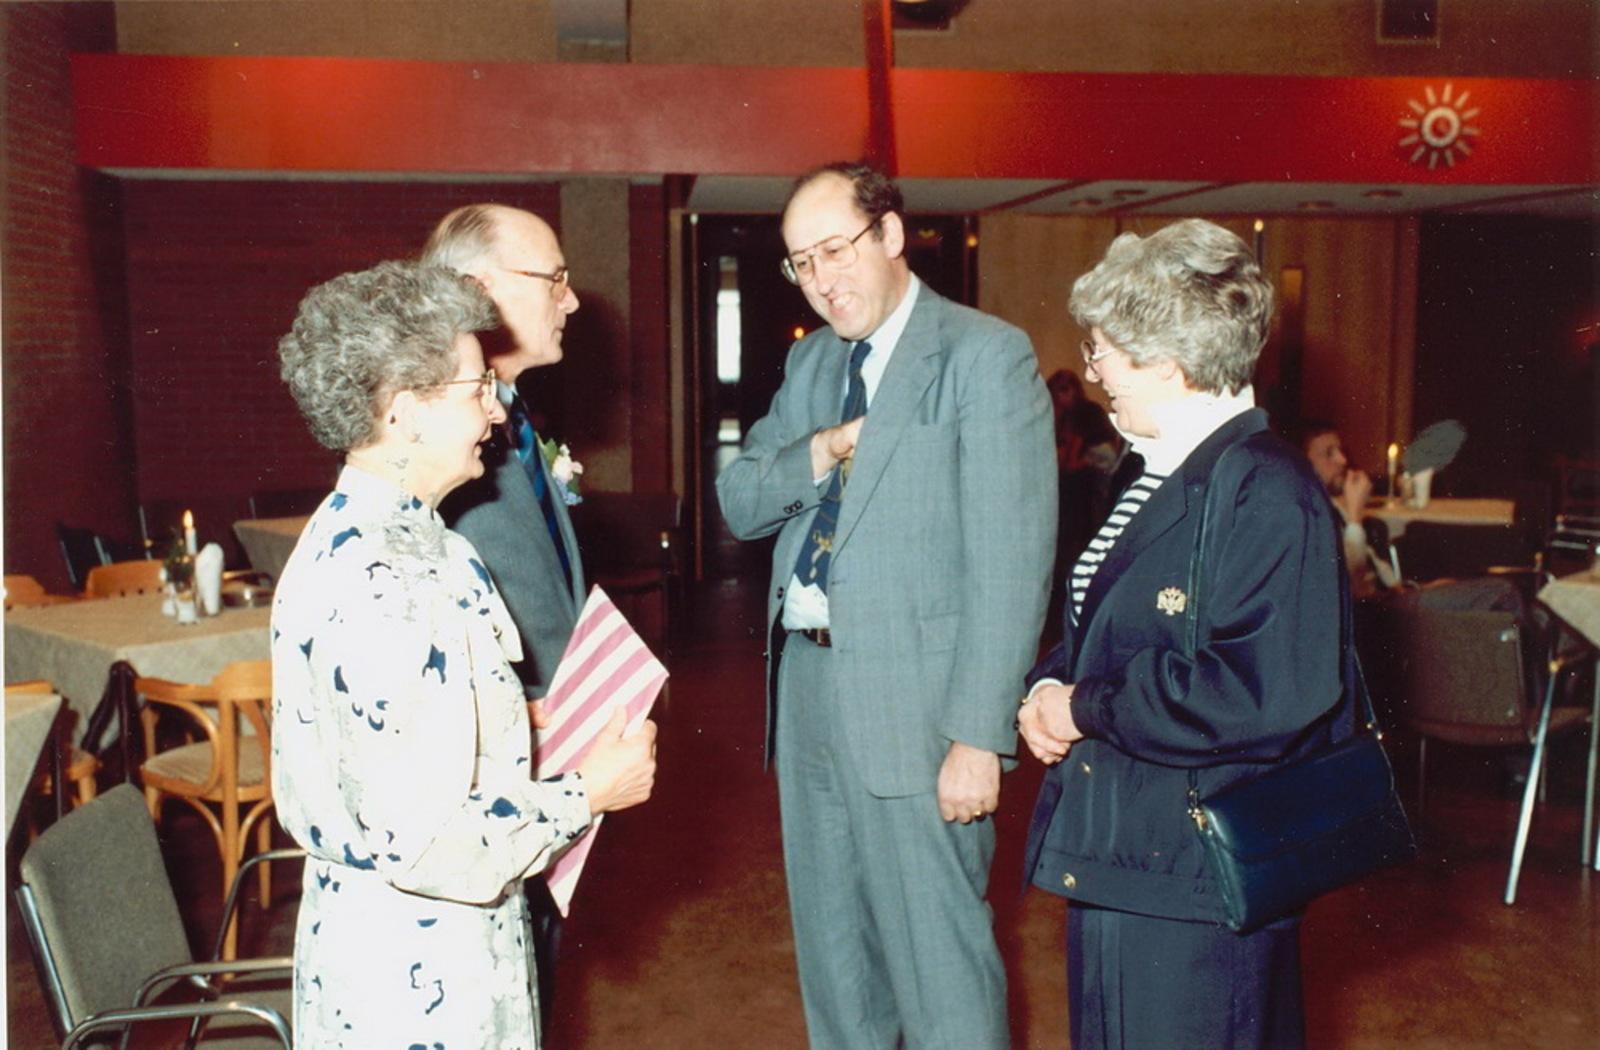 Marktlaan O 0022 1988 Sigarenboer Kraak 50jr Jub en Sluiting 42